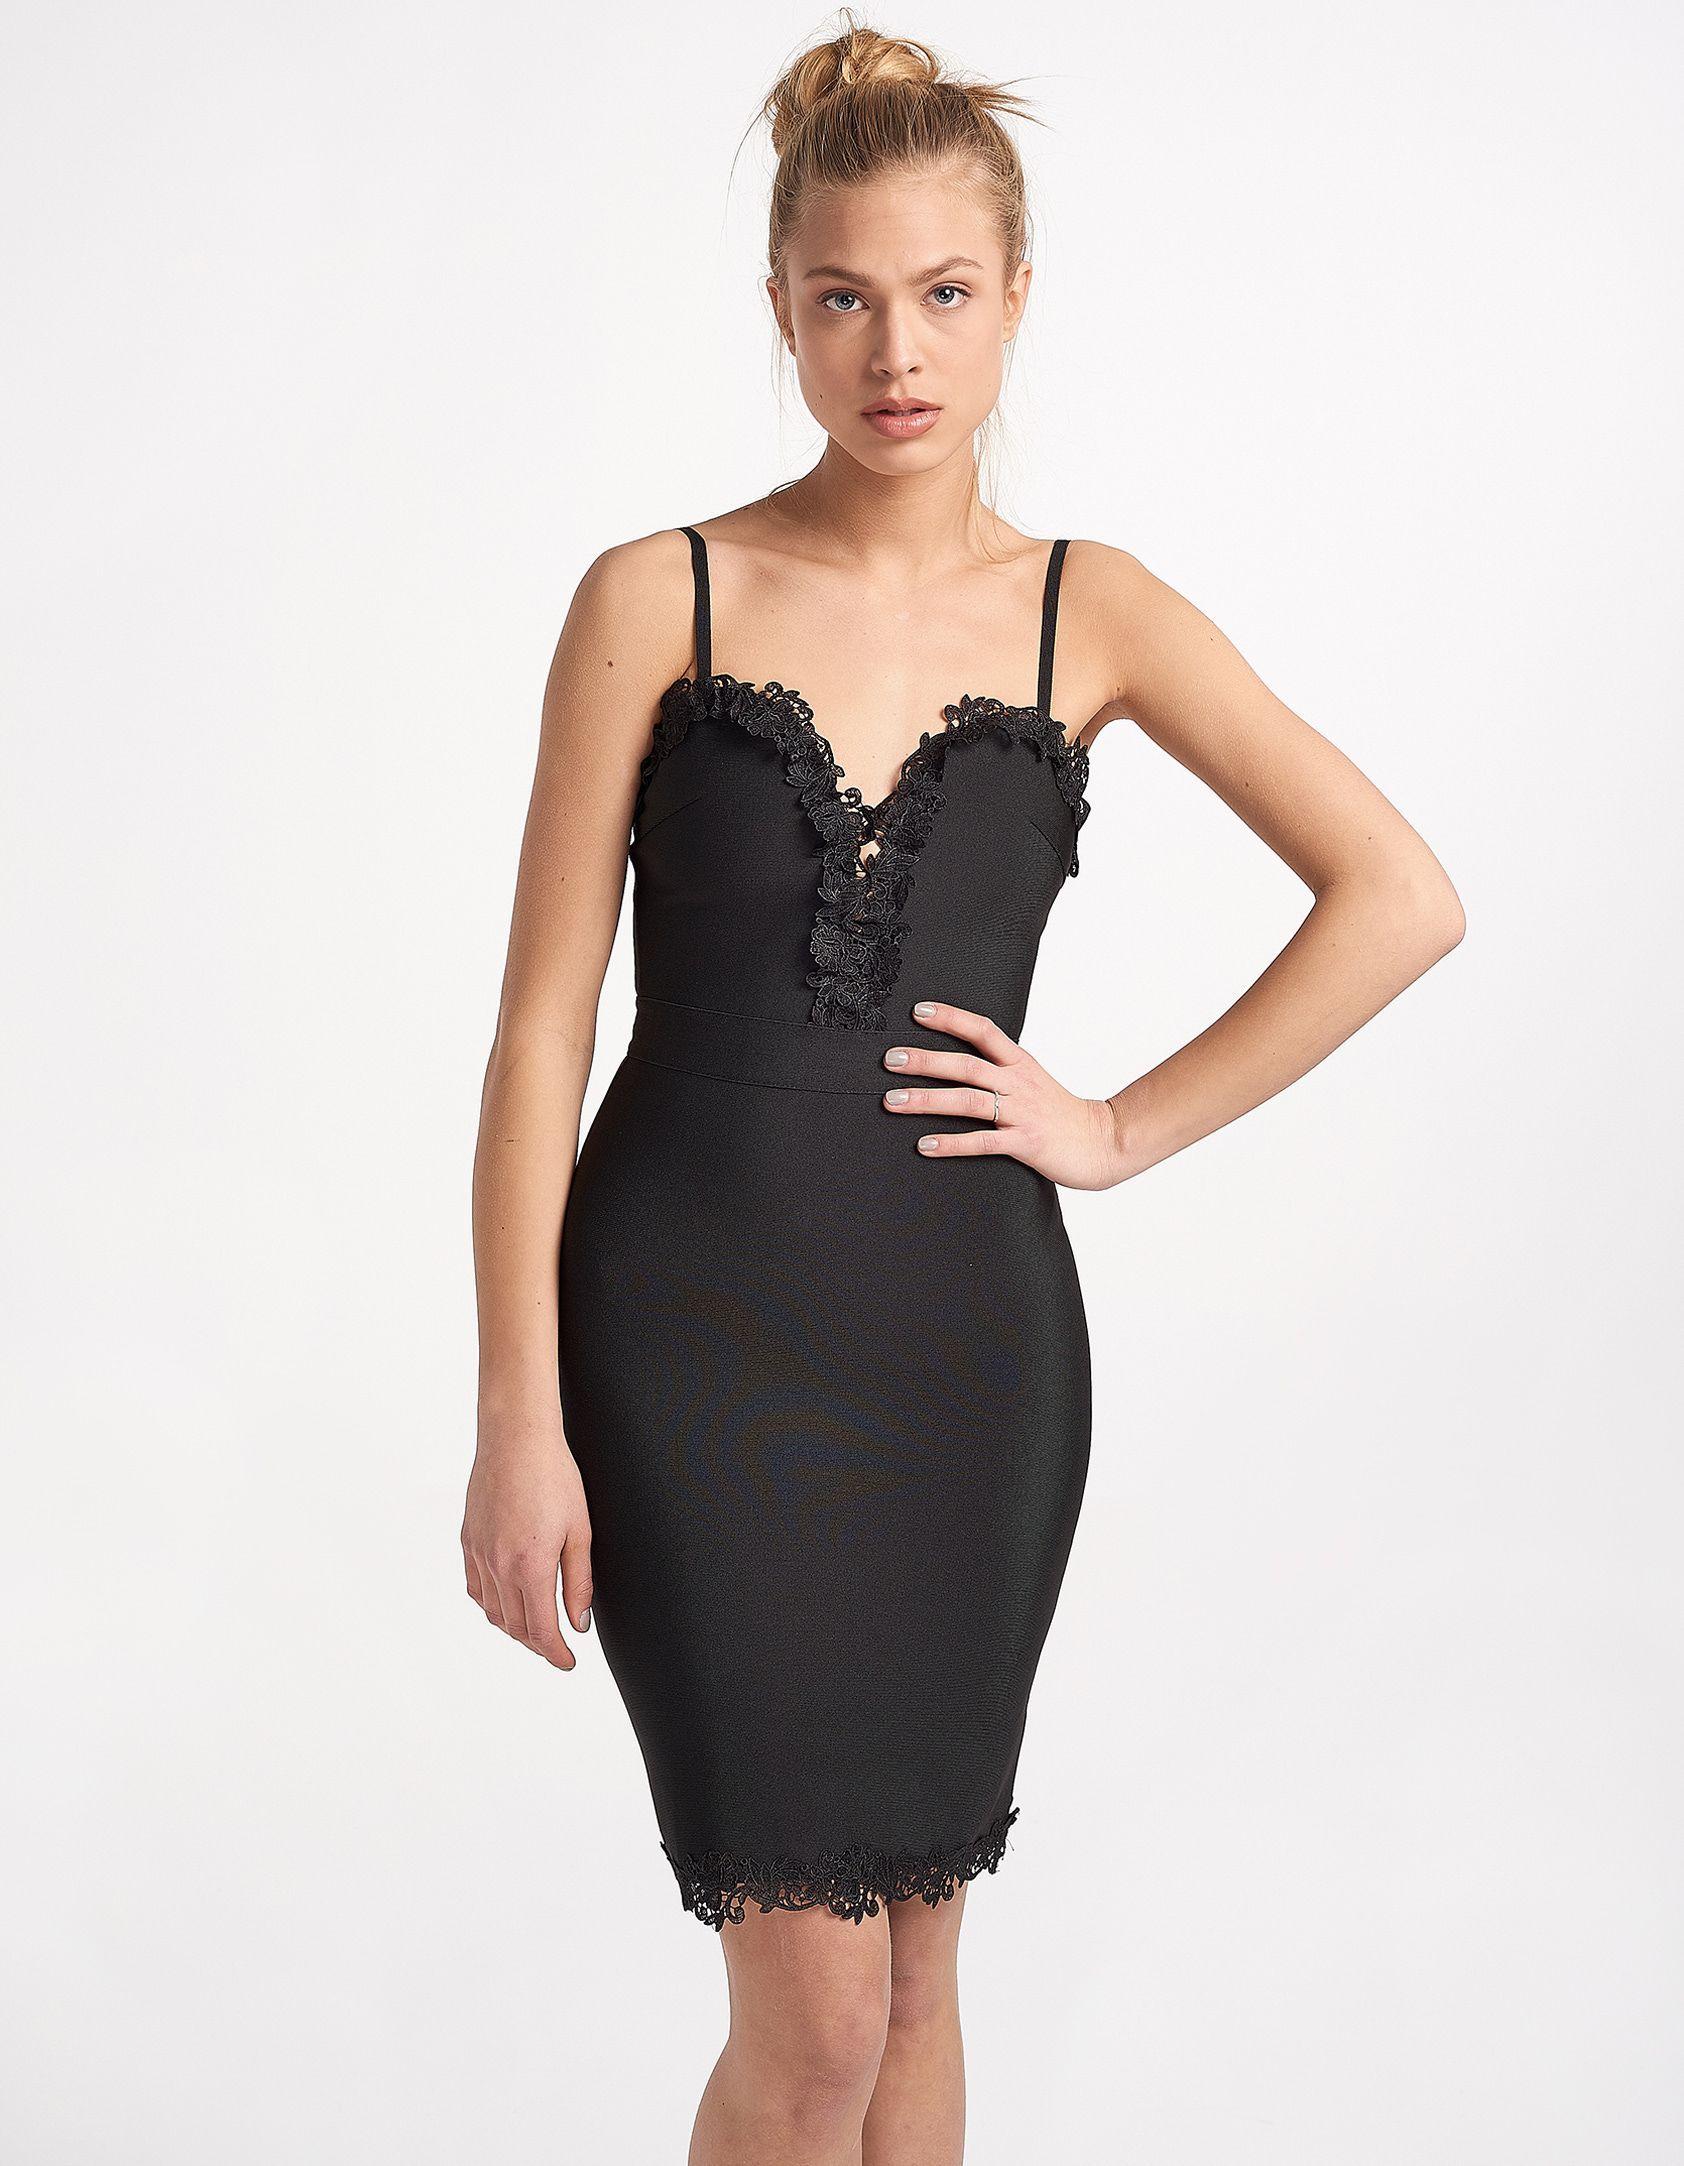 545295ddb1fd Φόρεμα midi σε ίσια γραμμή που κουμπώνει με φερμουάρ που βρίσκεται στην  πίσω πλευρά. Λεπτές